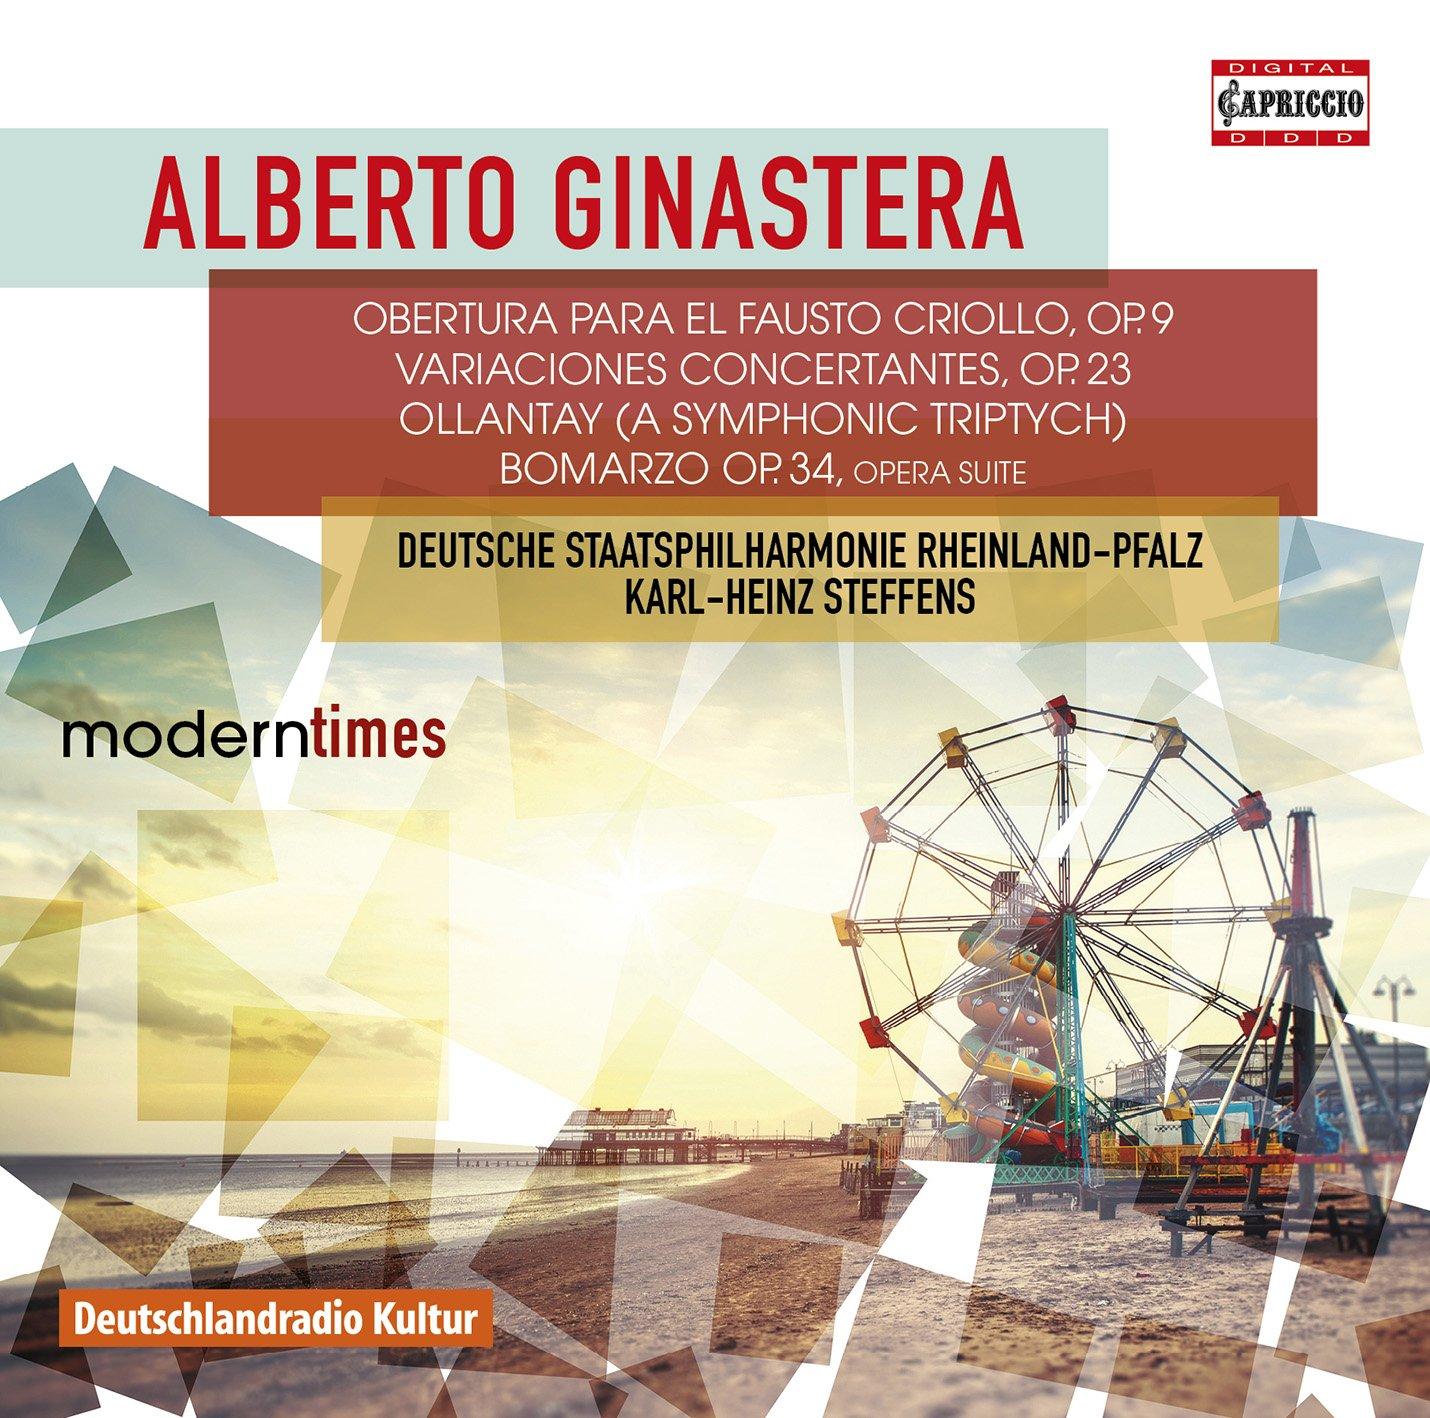 Alberto Ginastera: Orchestral Works by Capriccio